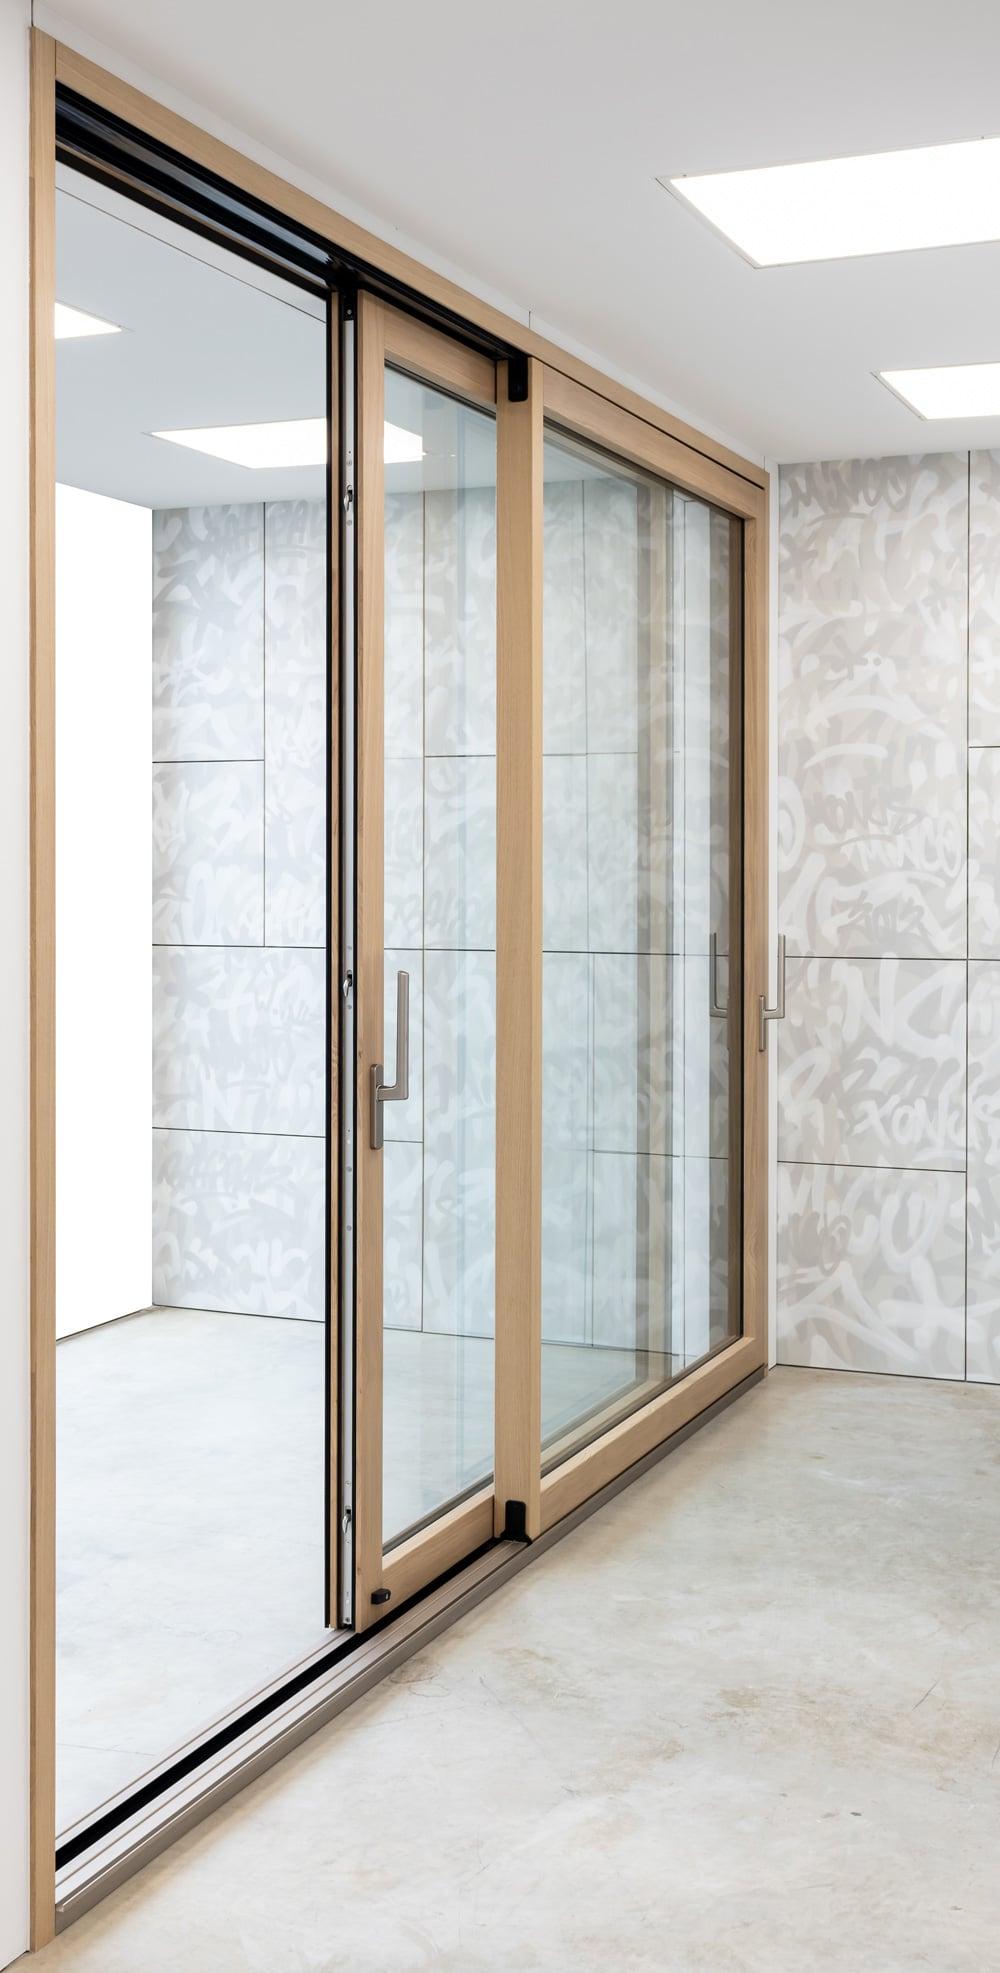 Rideaux Baie Vitrée Coulissante une baie vitrée pour agrandir votre espace